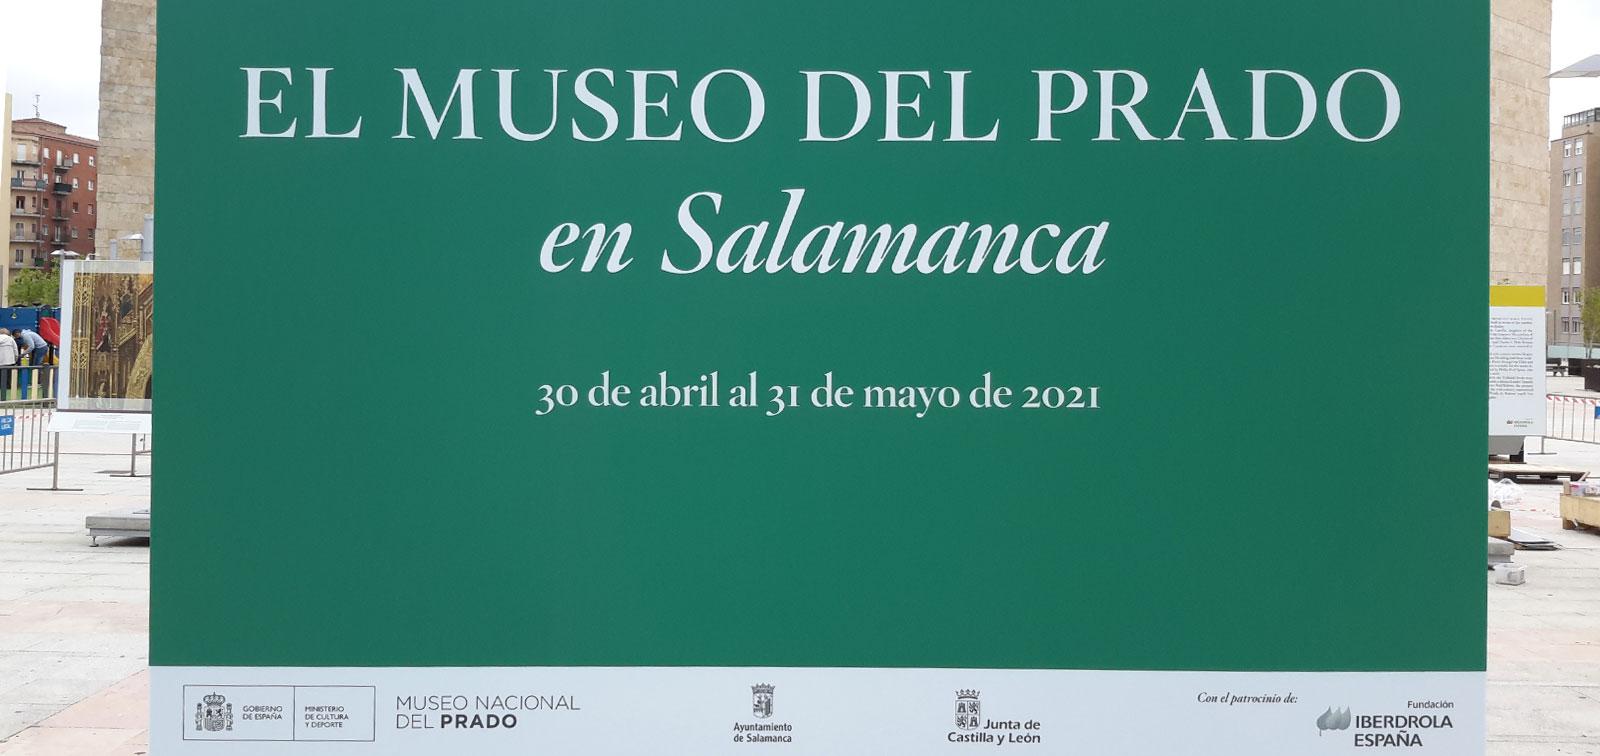 Didactic Exhibition: The Prado in Salamanca